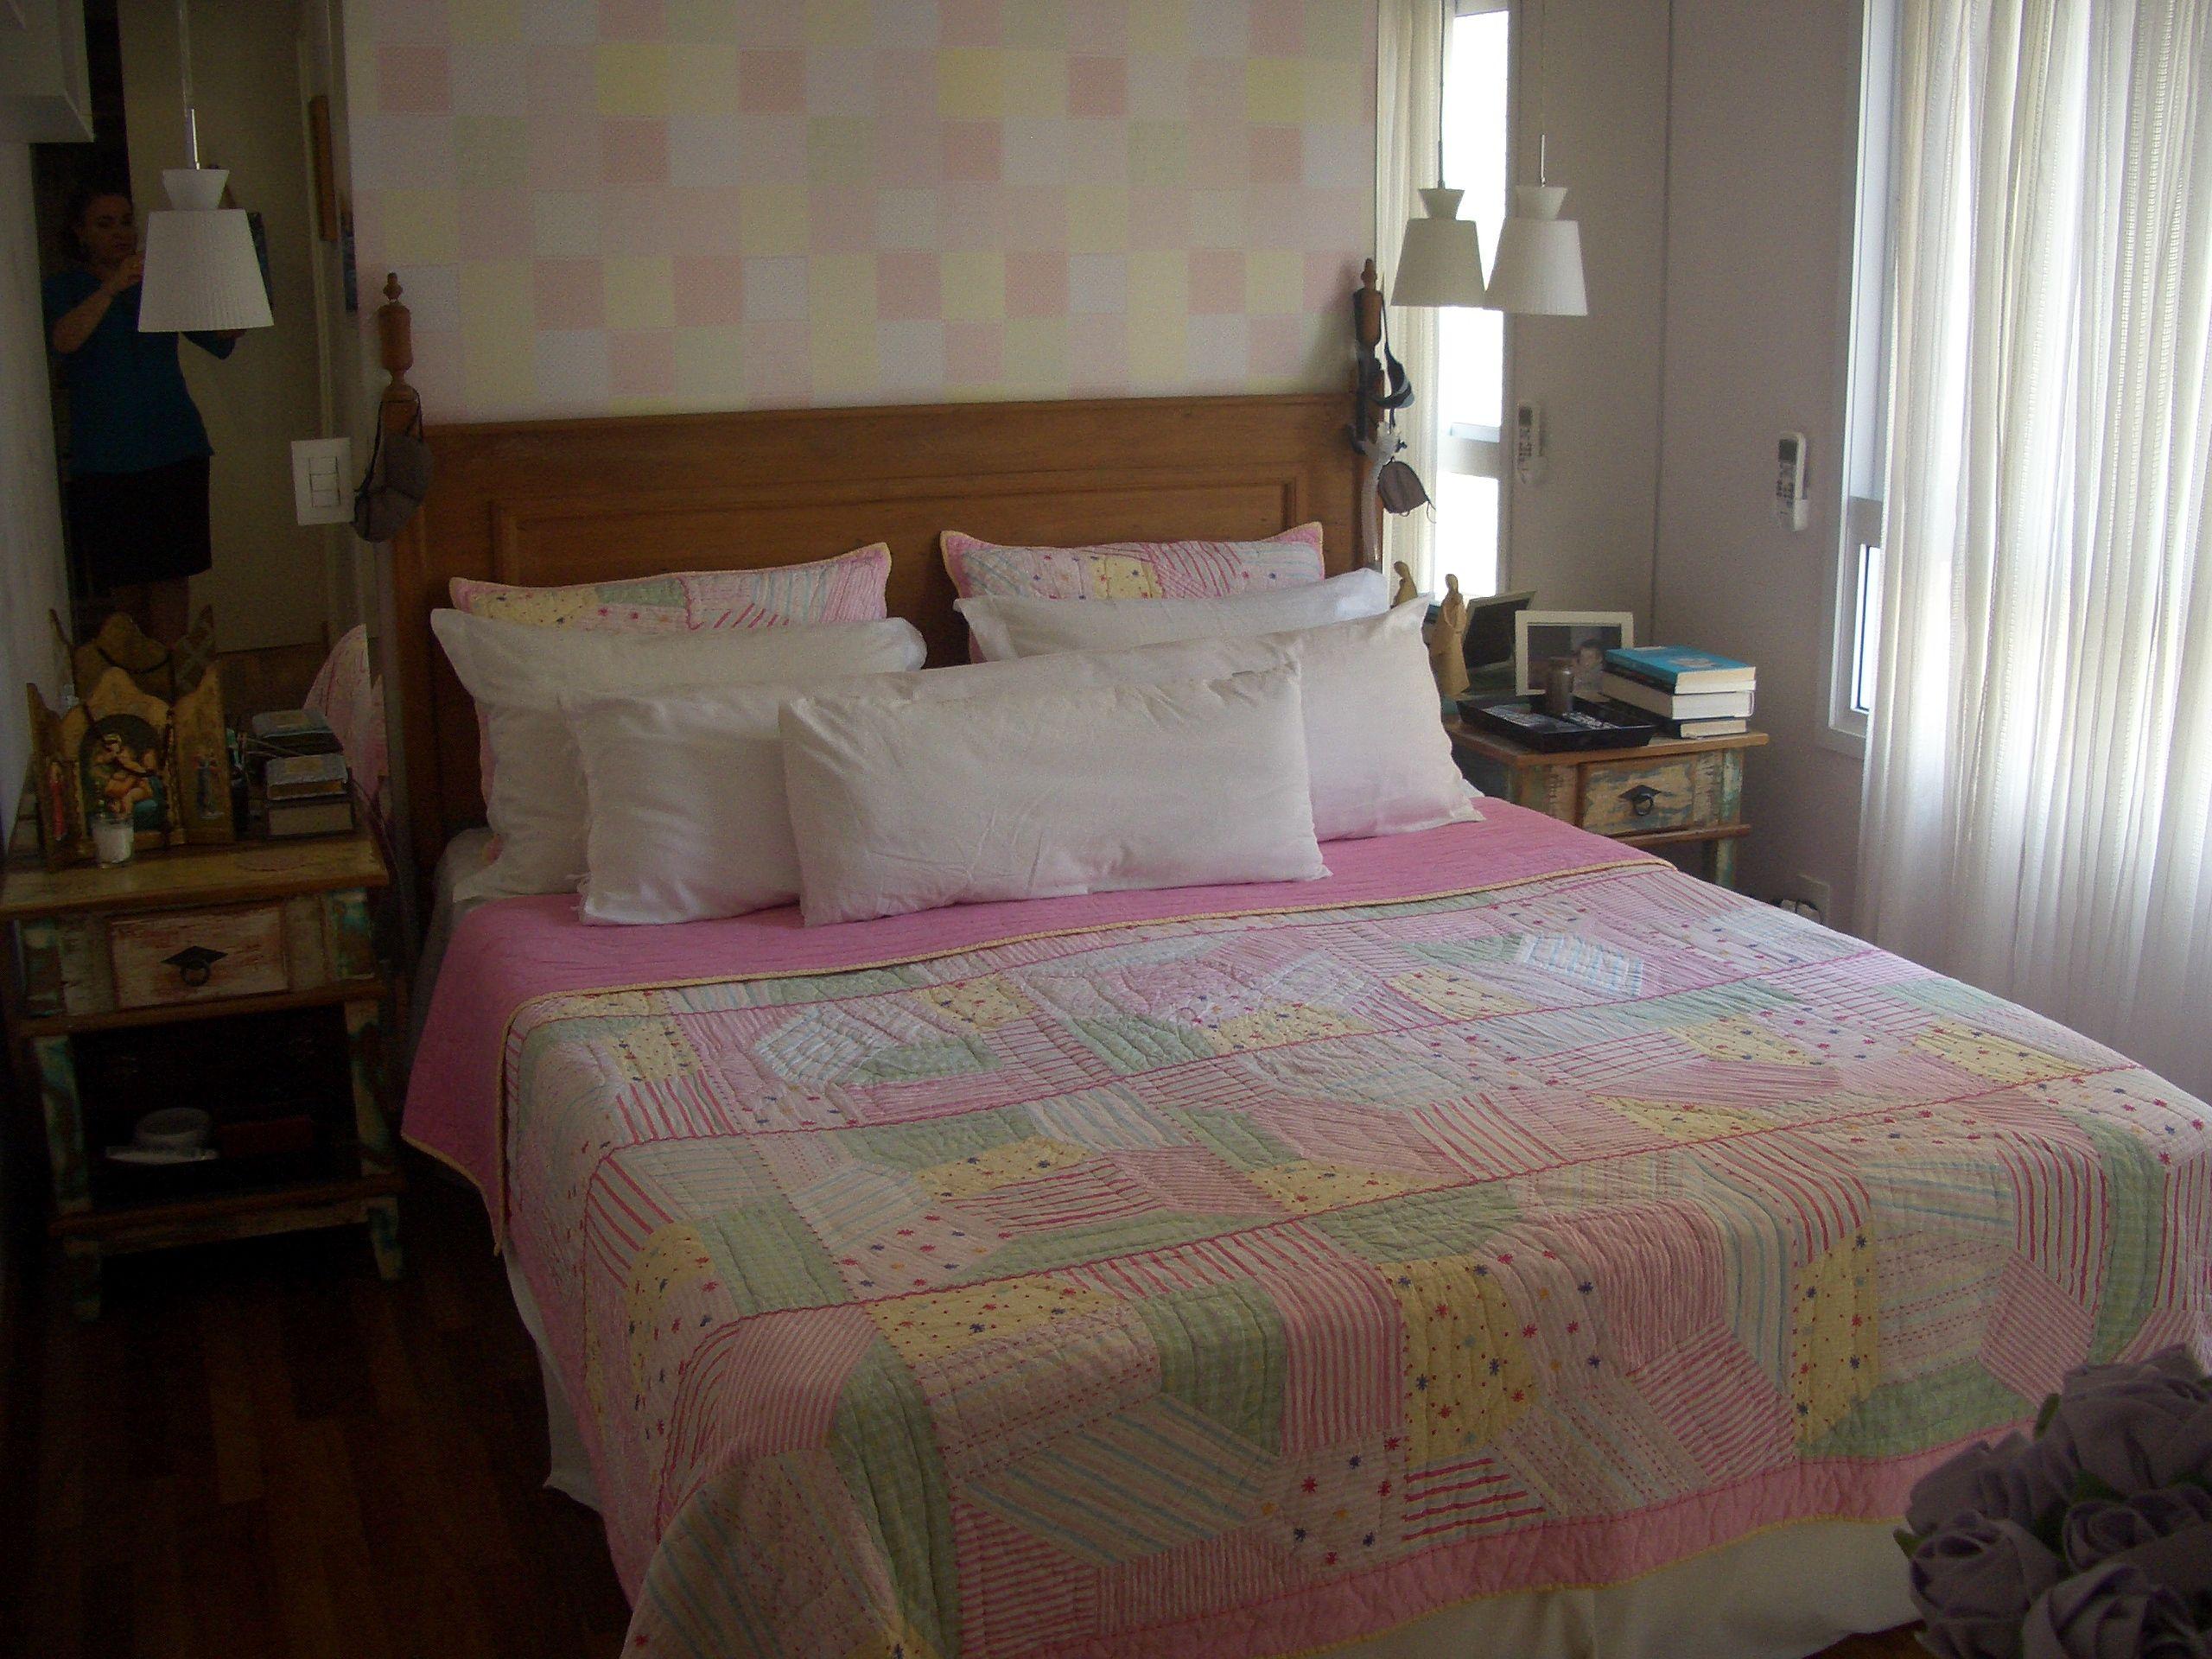 3 suítes, closet, lavabo, muitos armários, 3 vagas. Este apartamento especial está à venda e pode ser seu. Ligue 11 9 9422-4521 para mais informações e visitas com Urânia